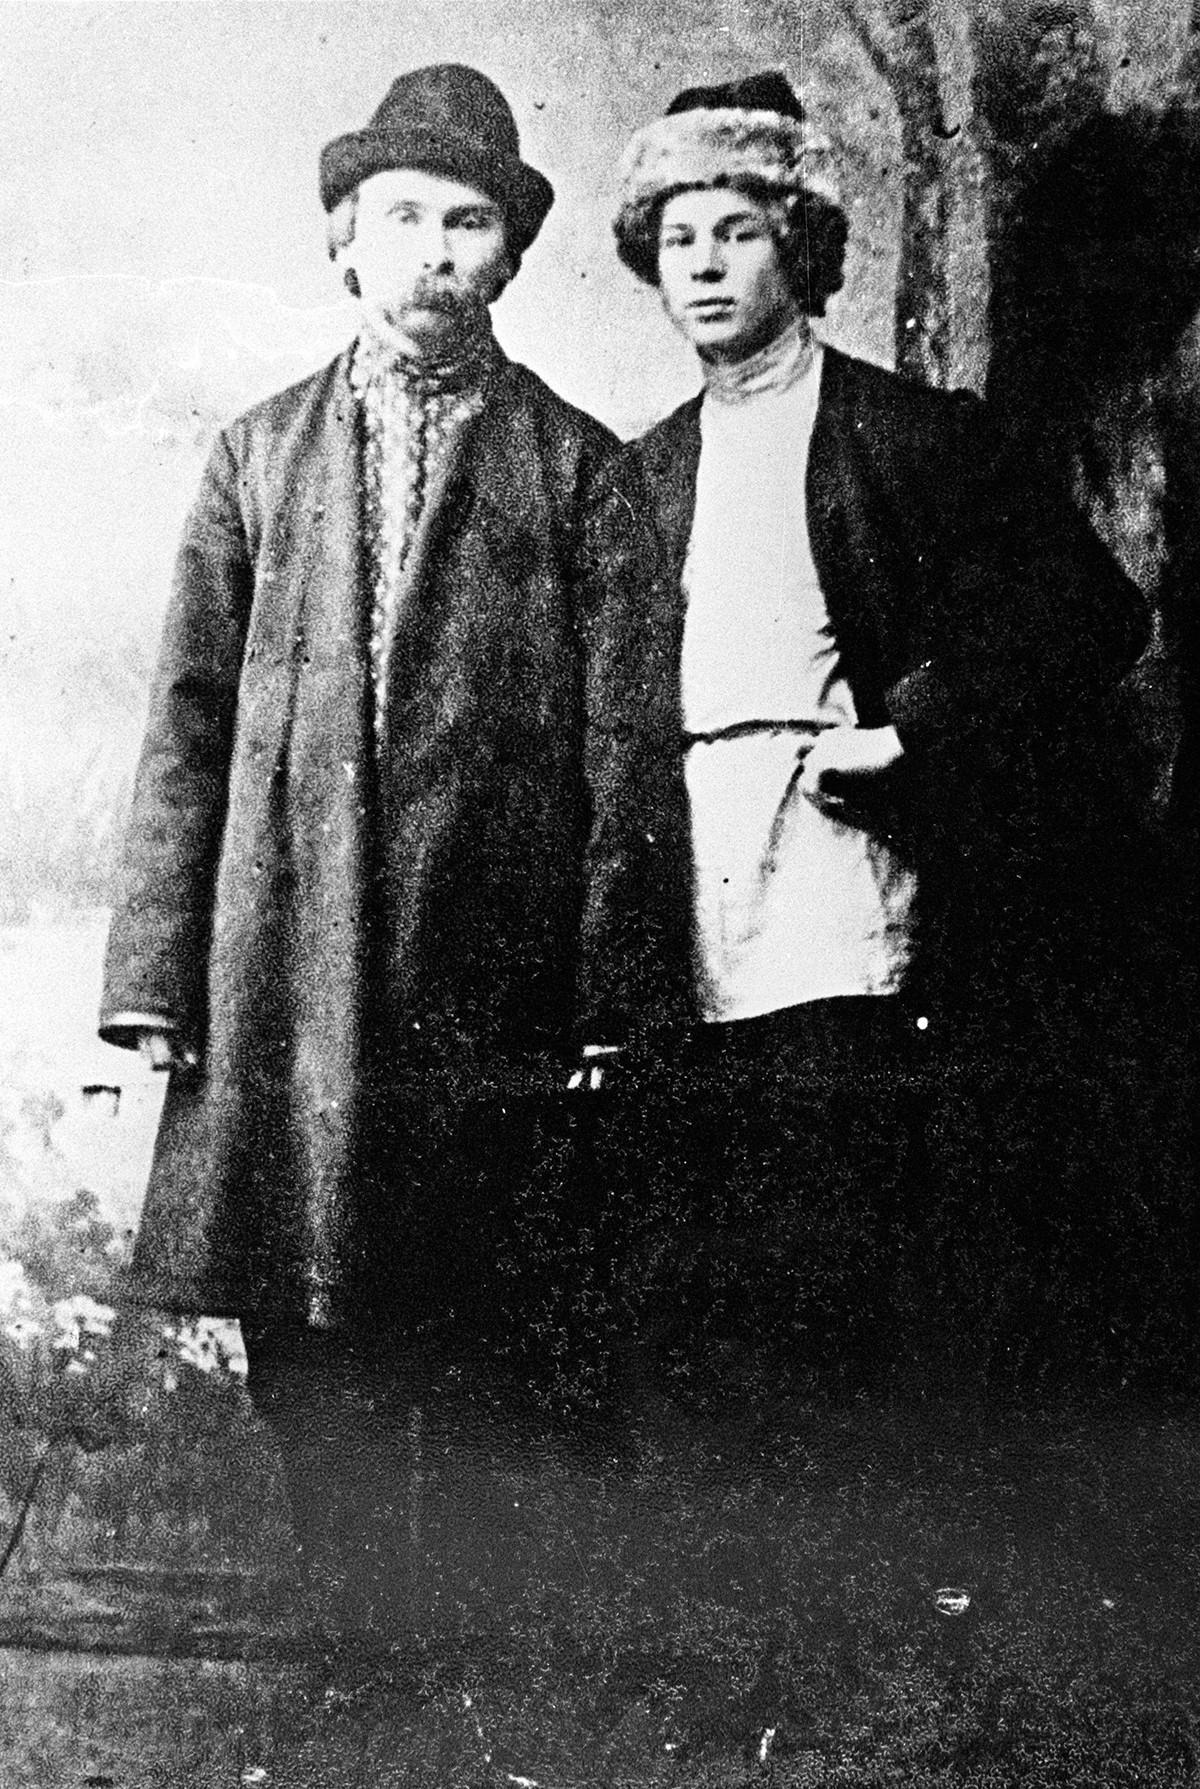 Ključov in Jesenin v Petrogradu 1915